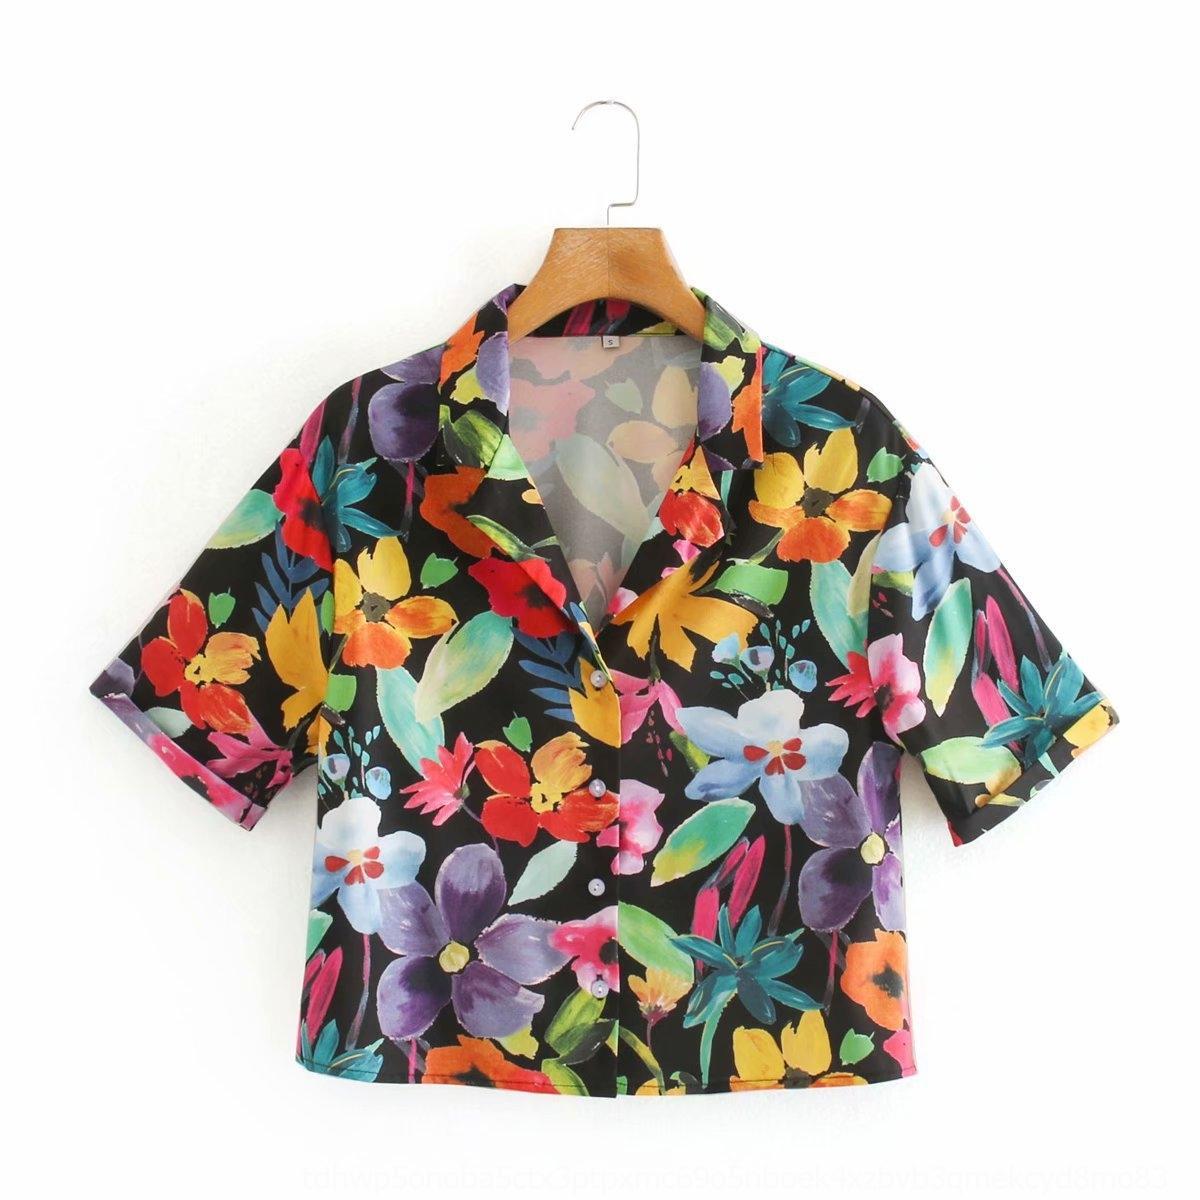 38vzV HGf3x 2020 estate di stampa delle donne multicolore floreali U7-33300 2020 Estate stampa multicolor camicia floreale camicia U7-33300 donne